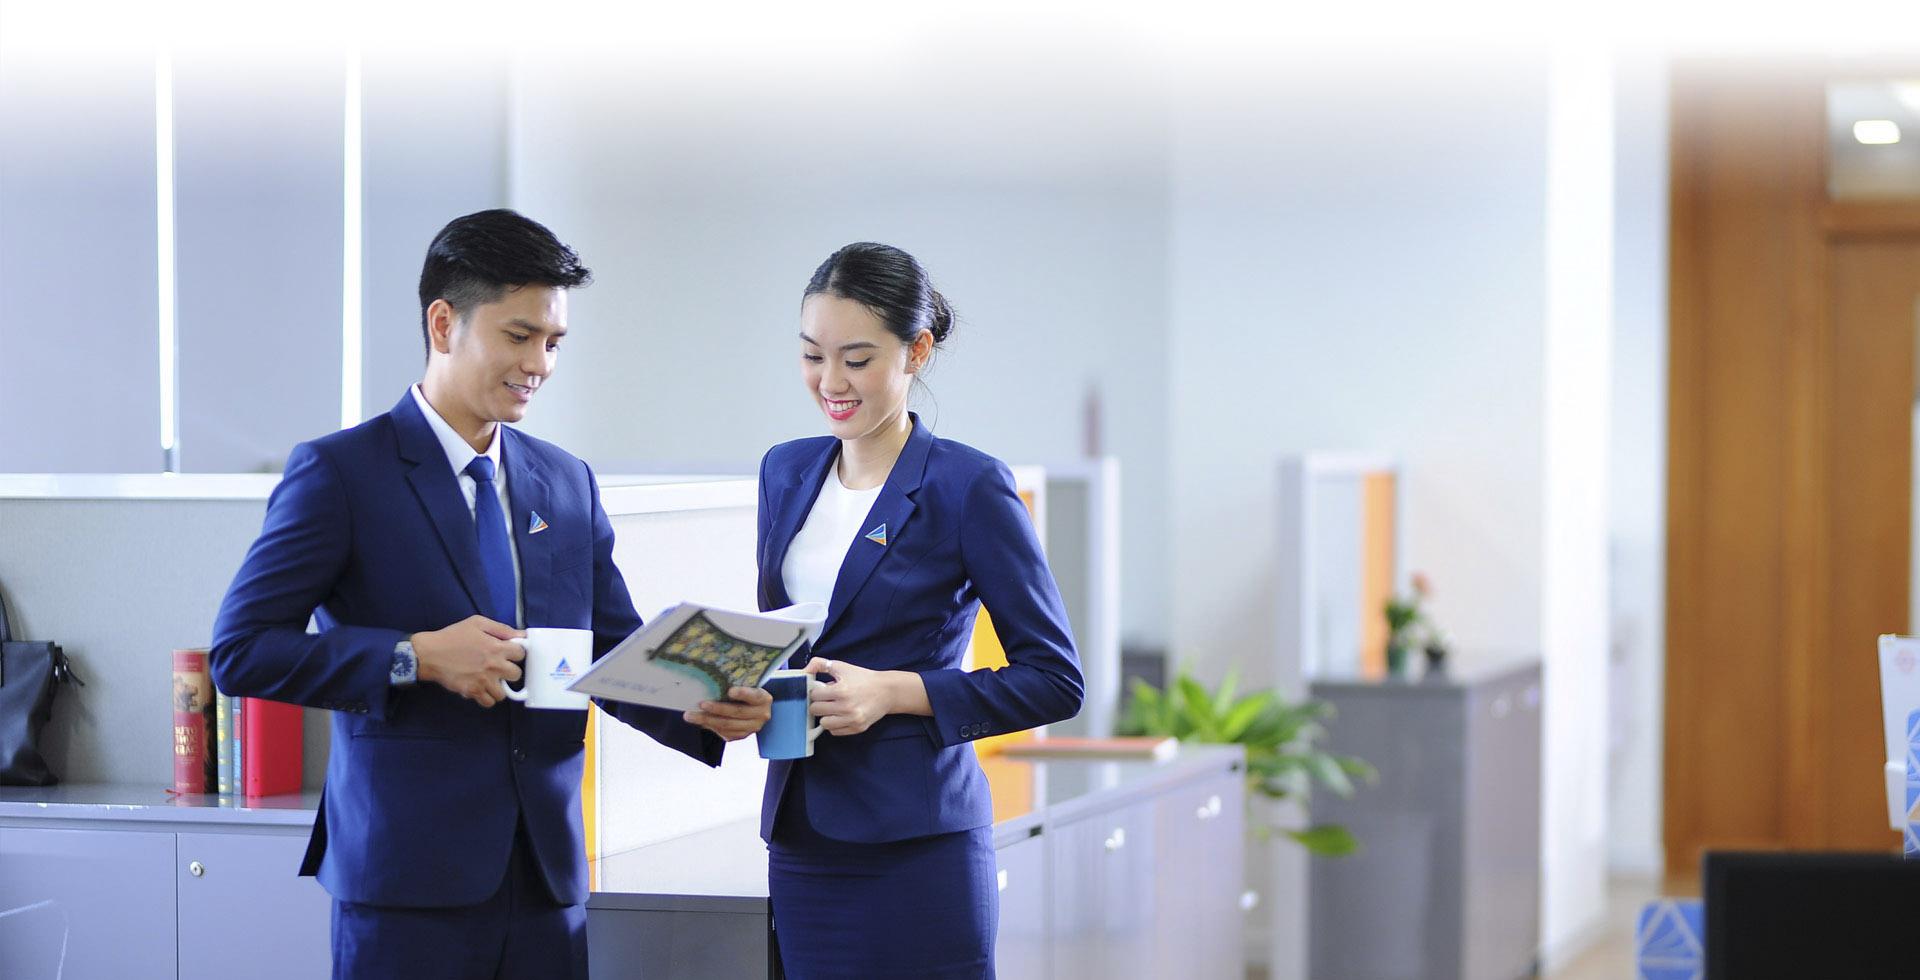 Đất Xanh tuyển dụng 5,000 nhân viên tư vấn trên toàn quốc